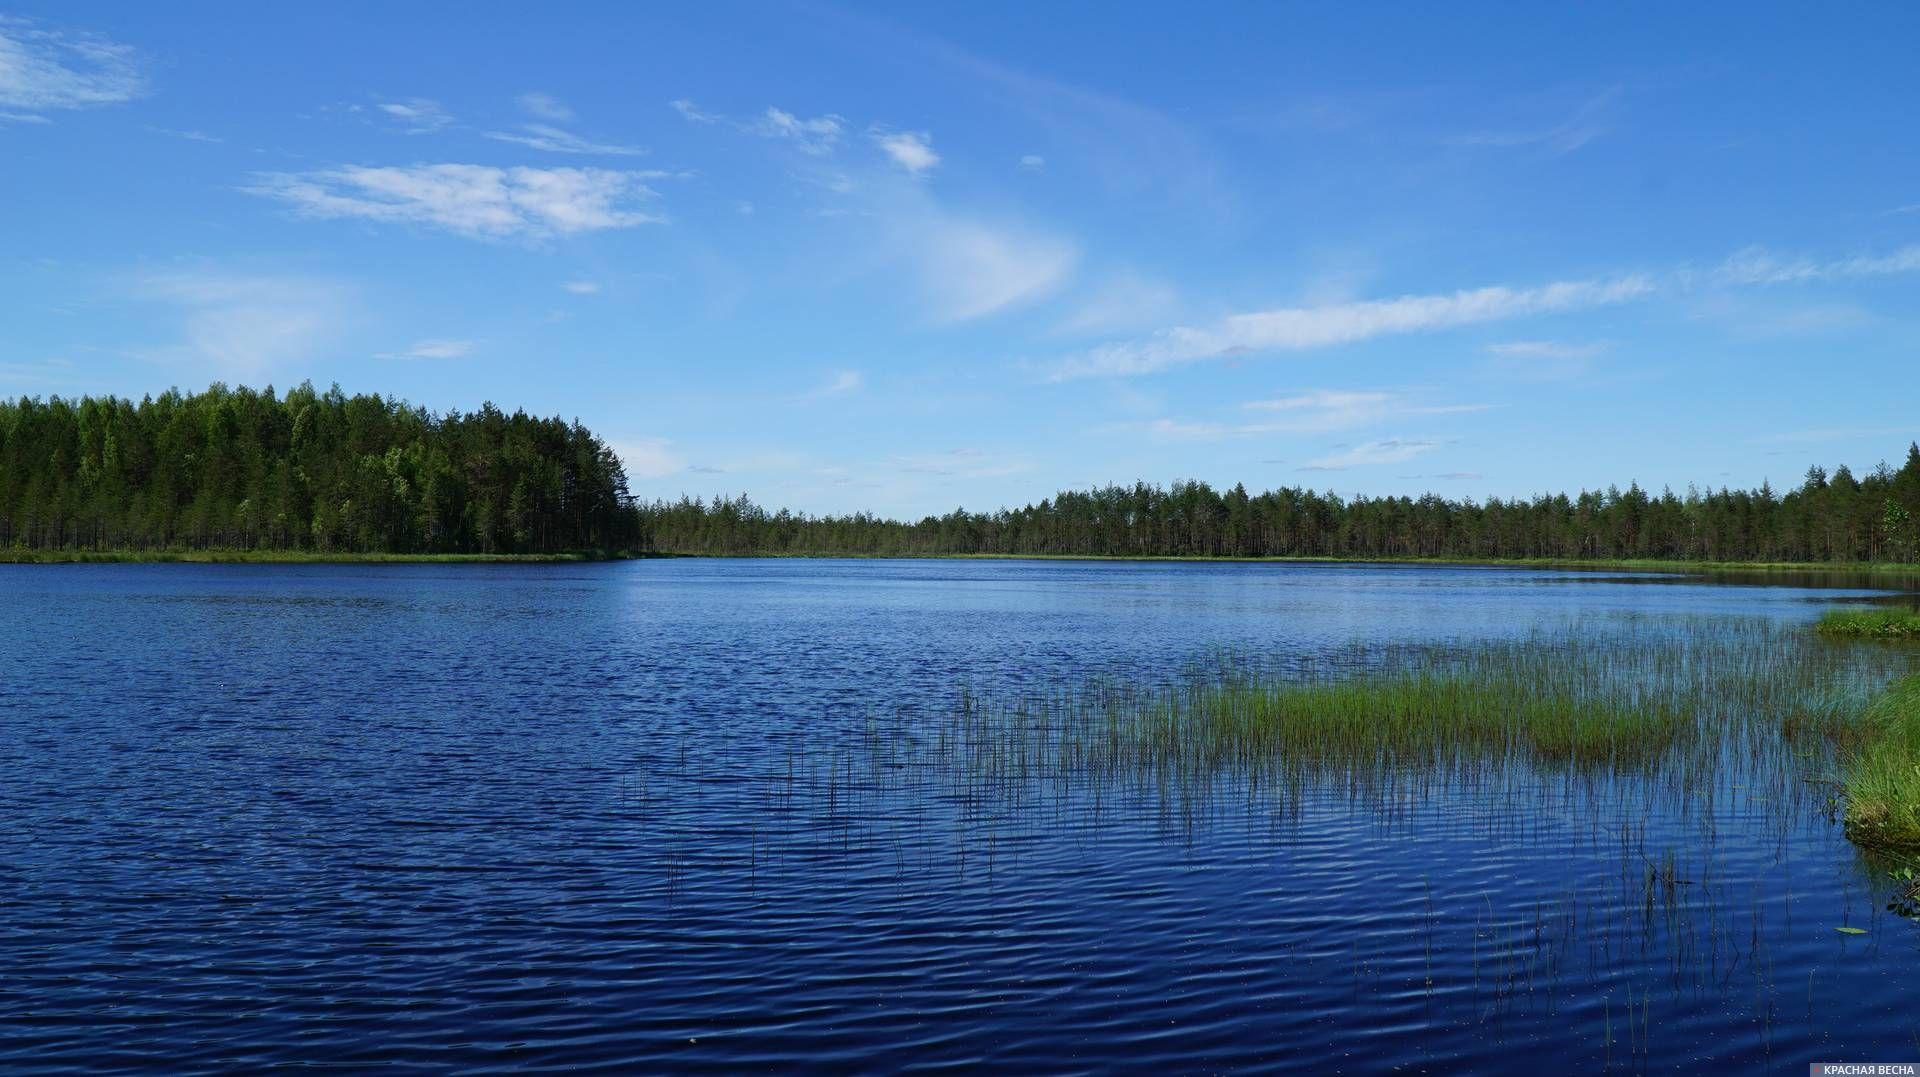 Озеро Чернушка. Ленобласть. 12.06.2019